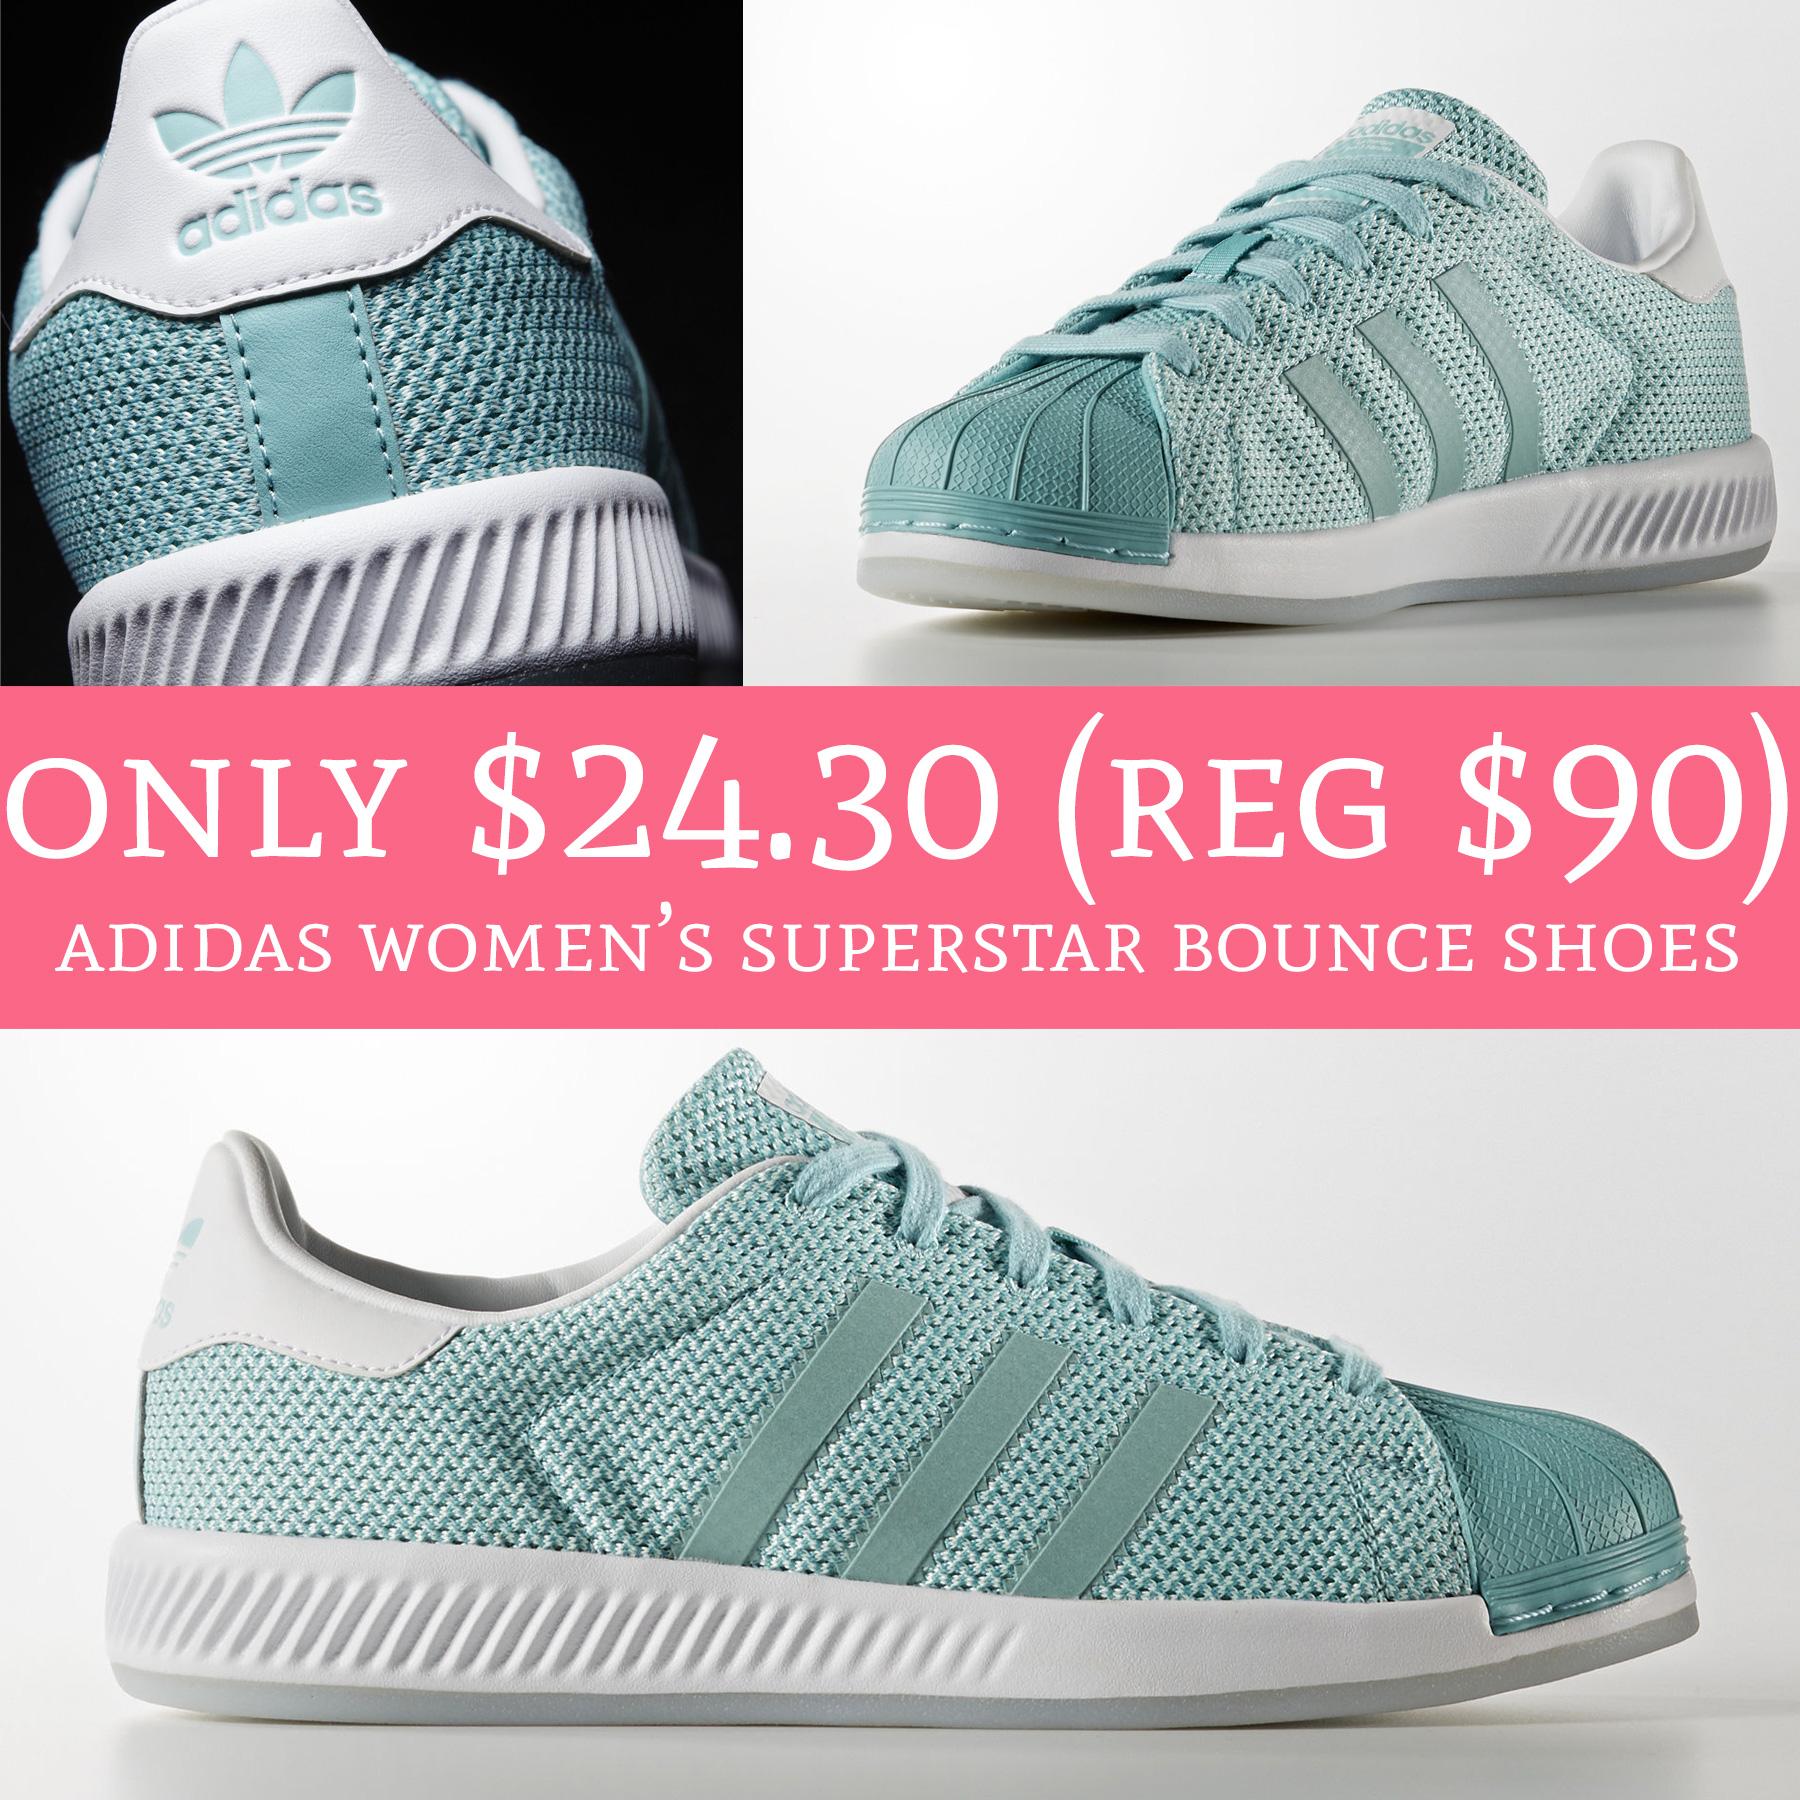 RUN! Only $24.30 (Regular $90) Adidas Women's Superstar ...